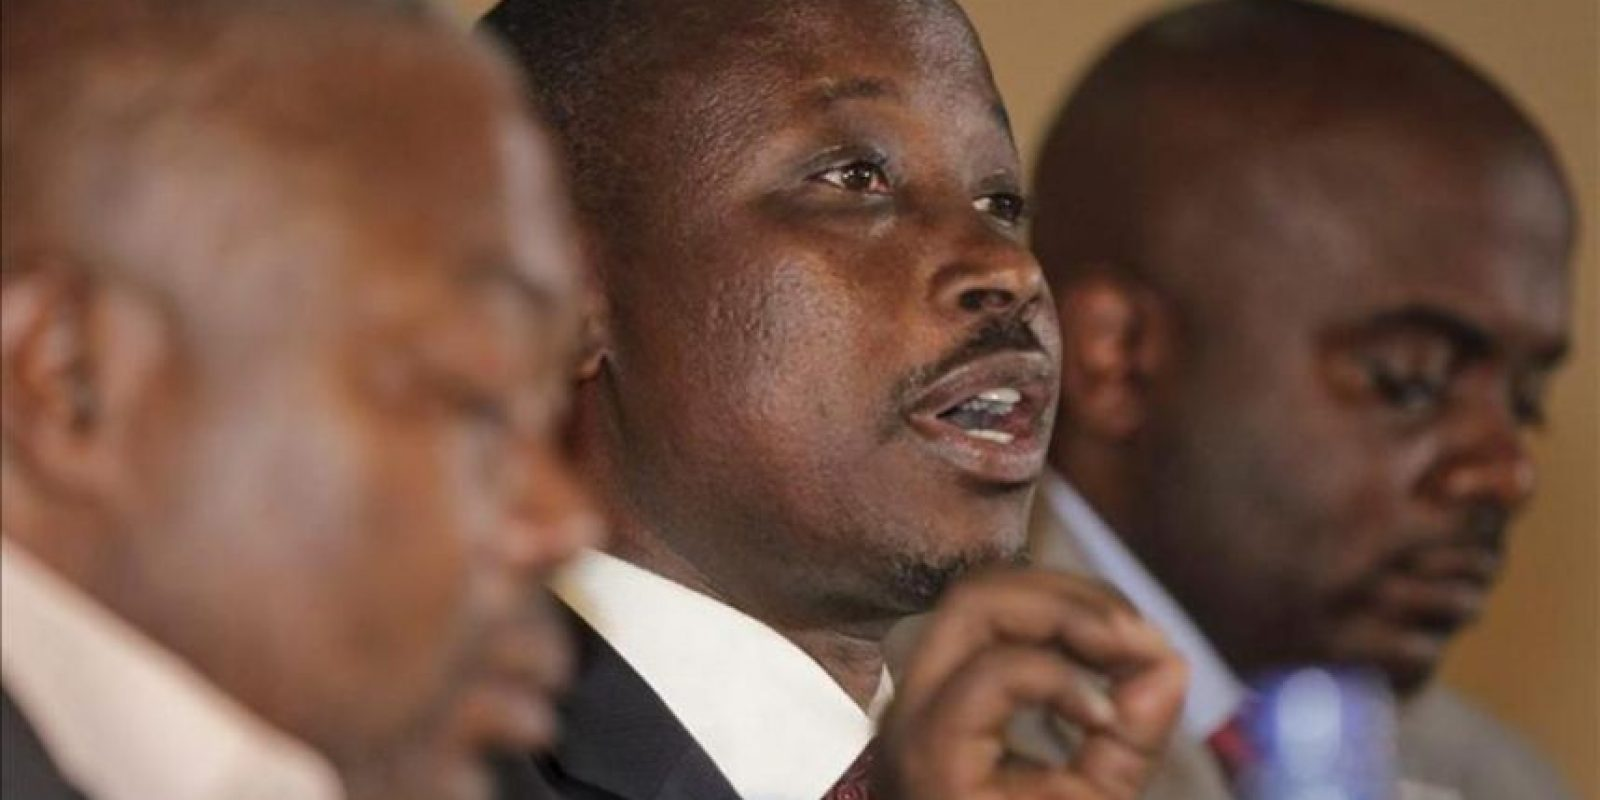 El líder del movimiento rebelde del oeste de la República Democrática del Congo M23, Jean-Marie Runiga (c), ofrece una rueda de prensa en la cuidad de Goma, controlada por los rebeldes. EFE